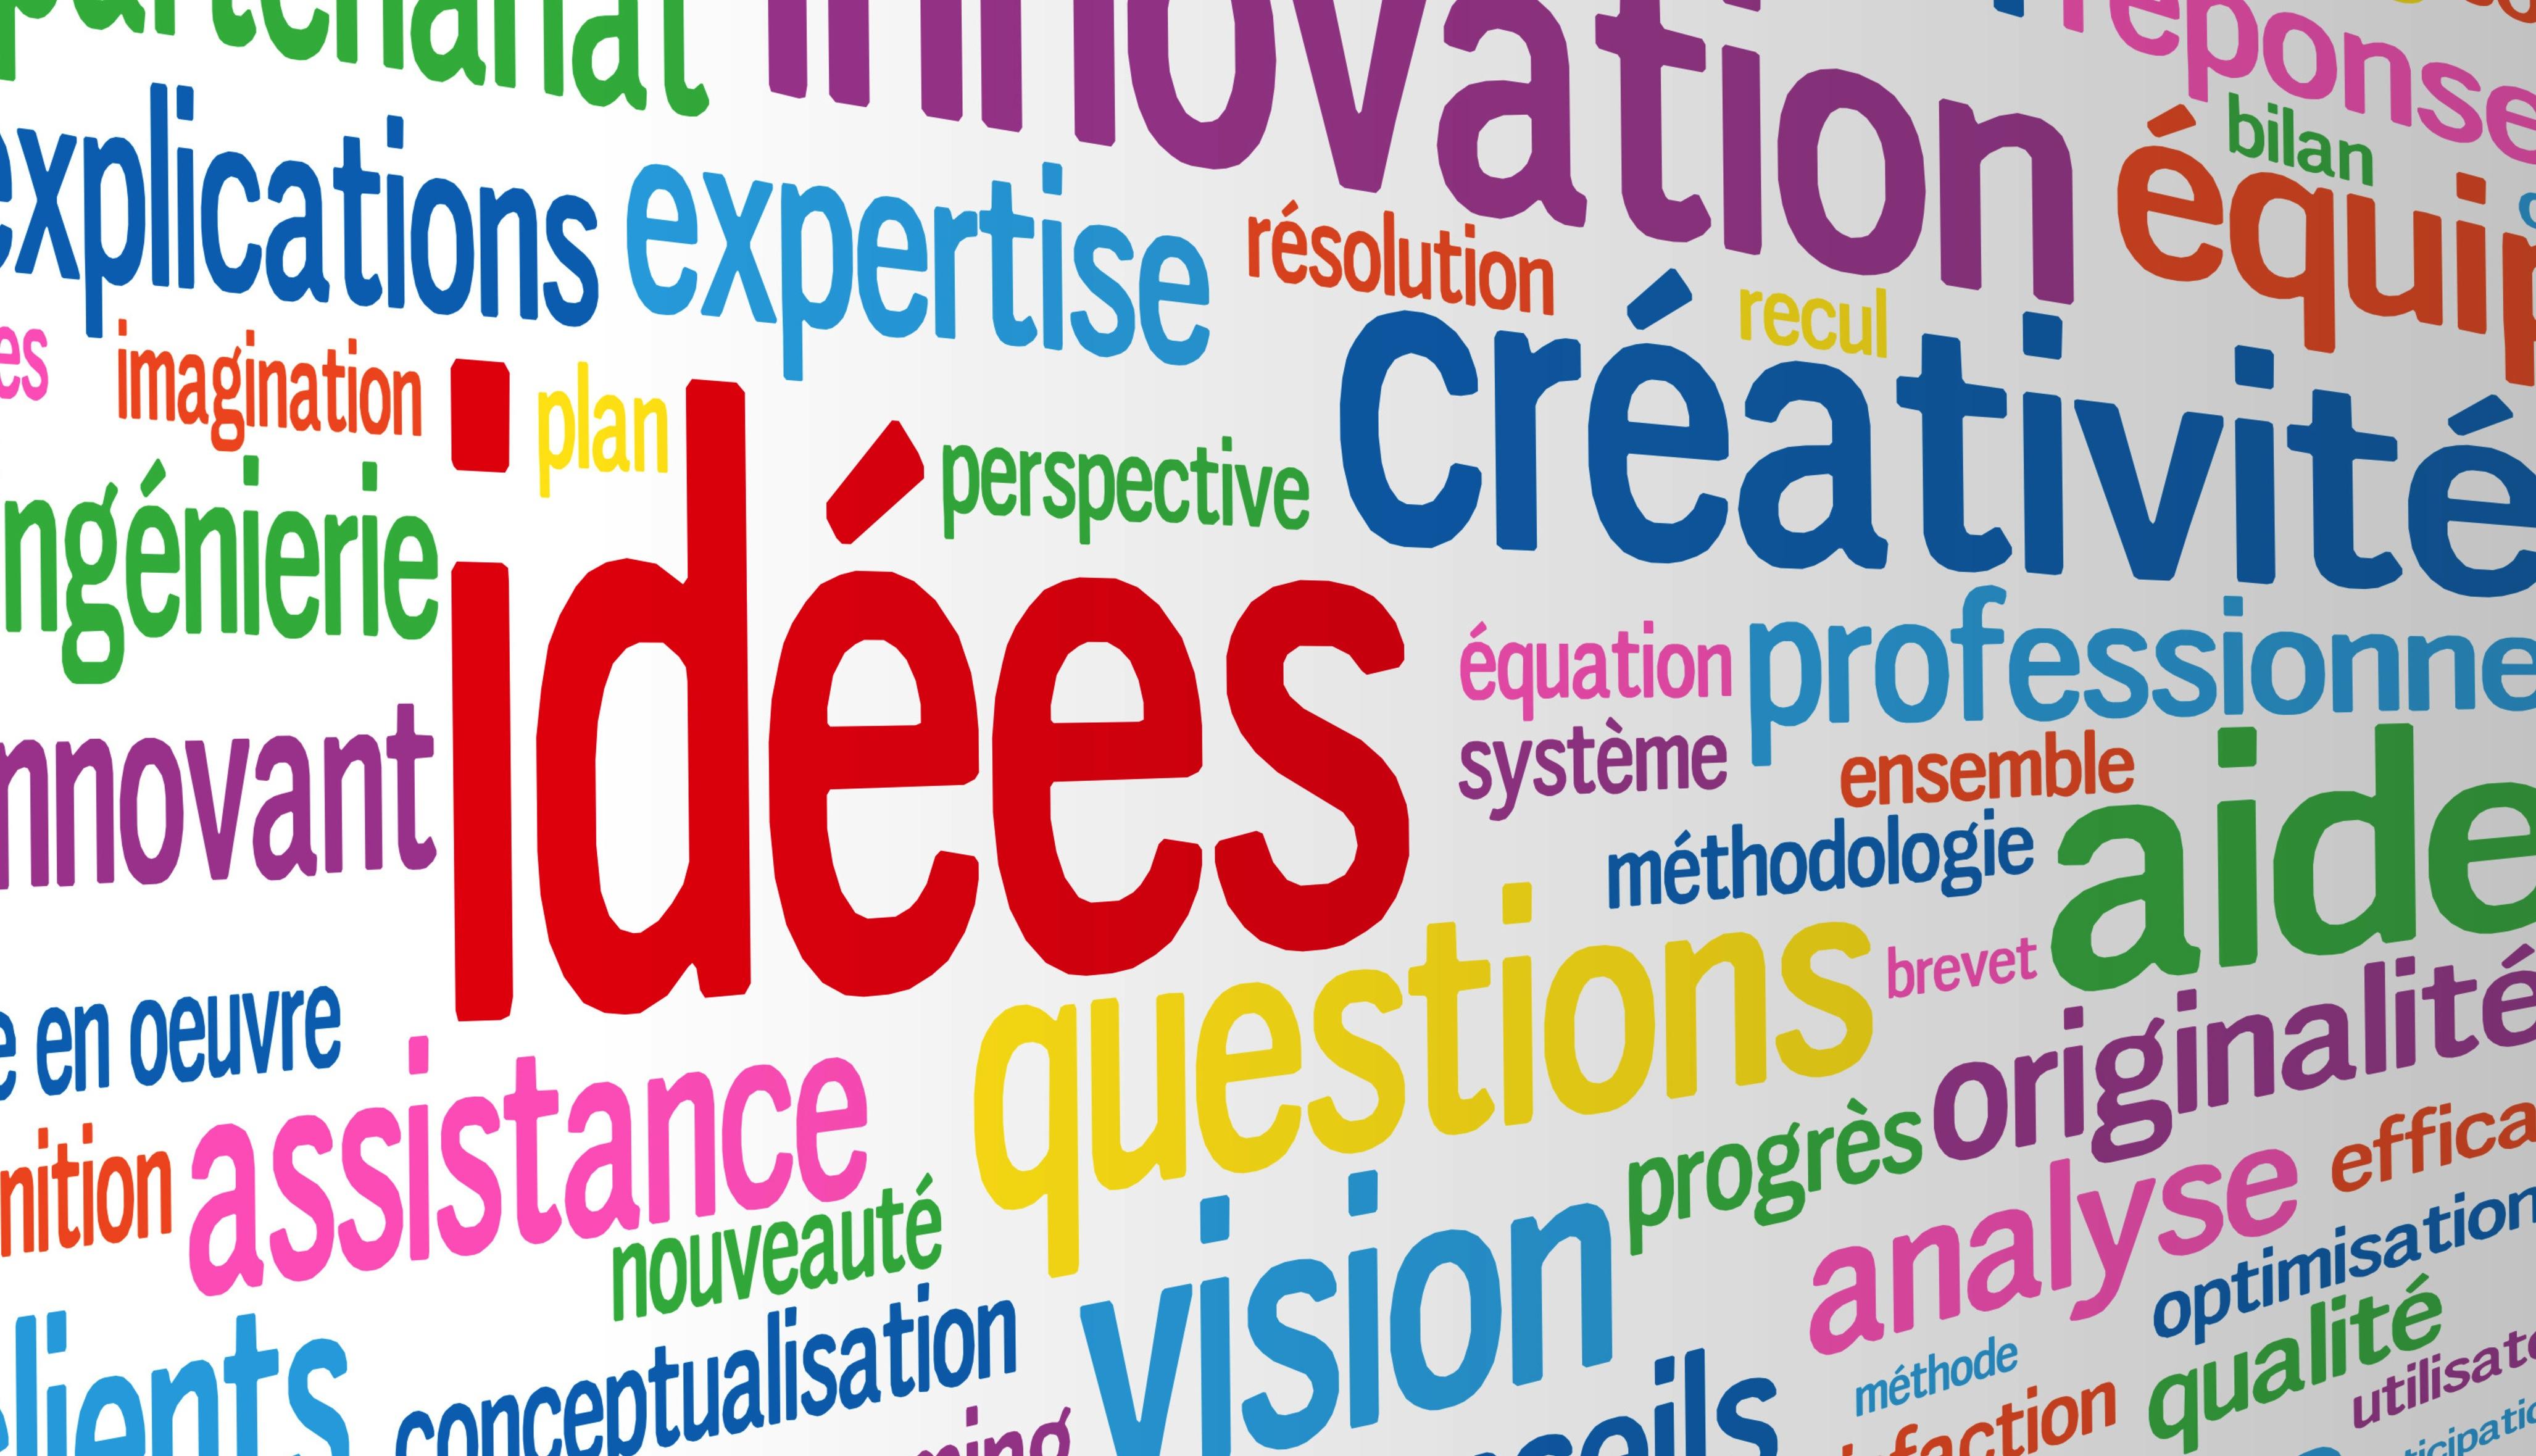 Idées, créativité, innovation (nuage de mots clés)